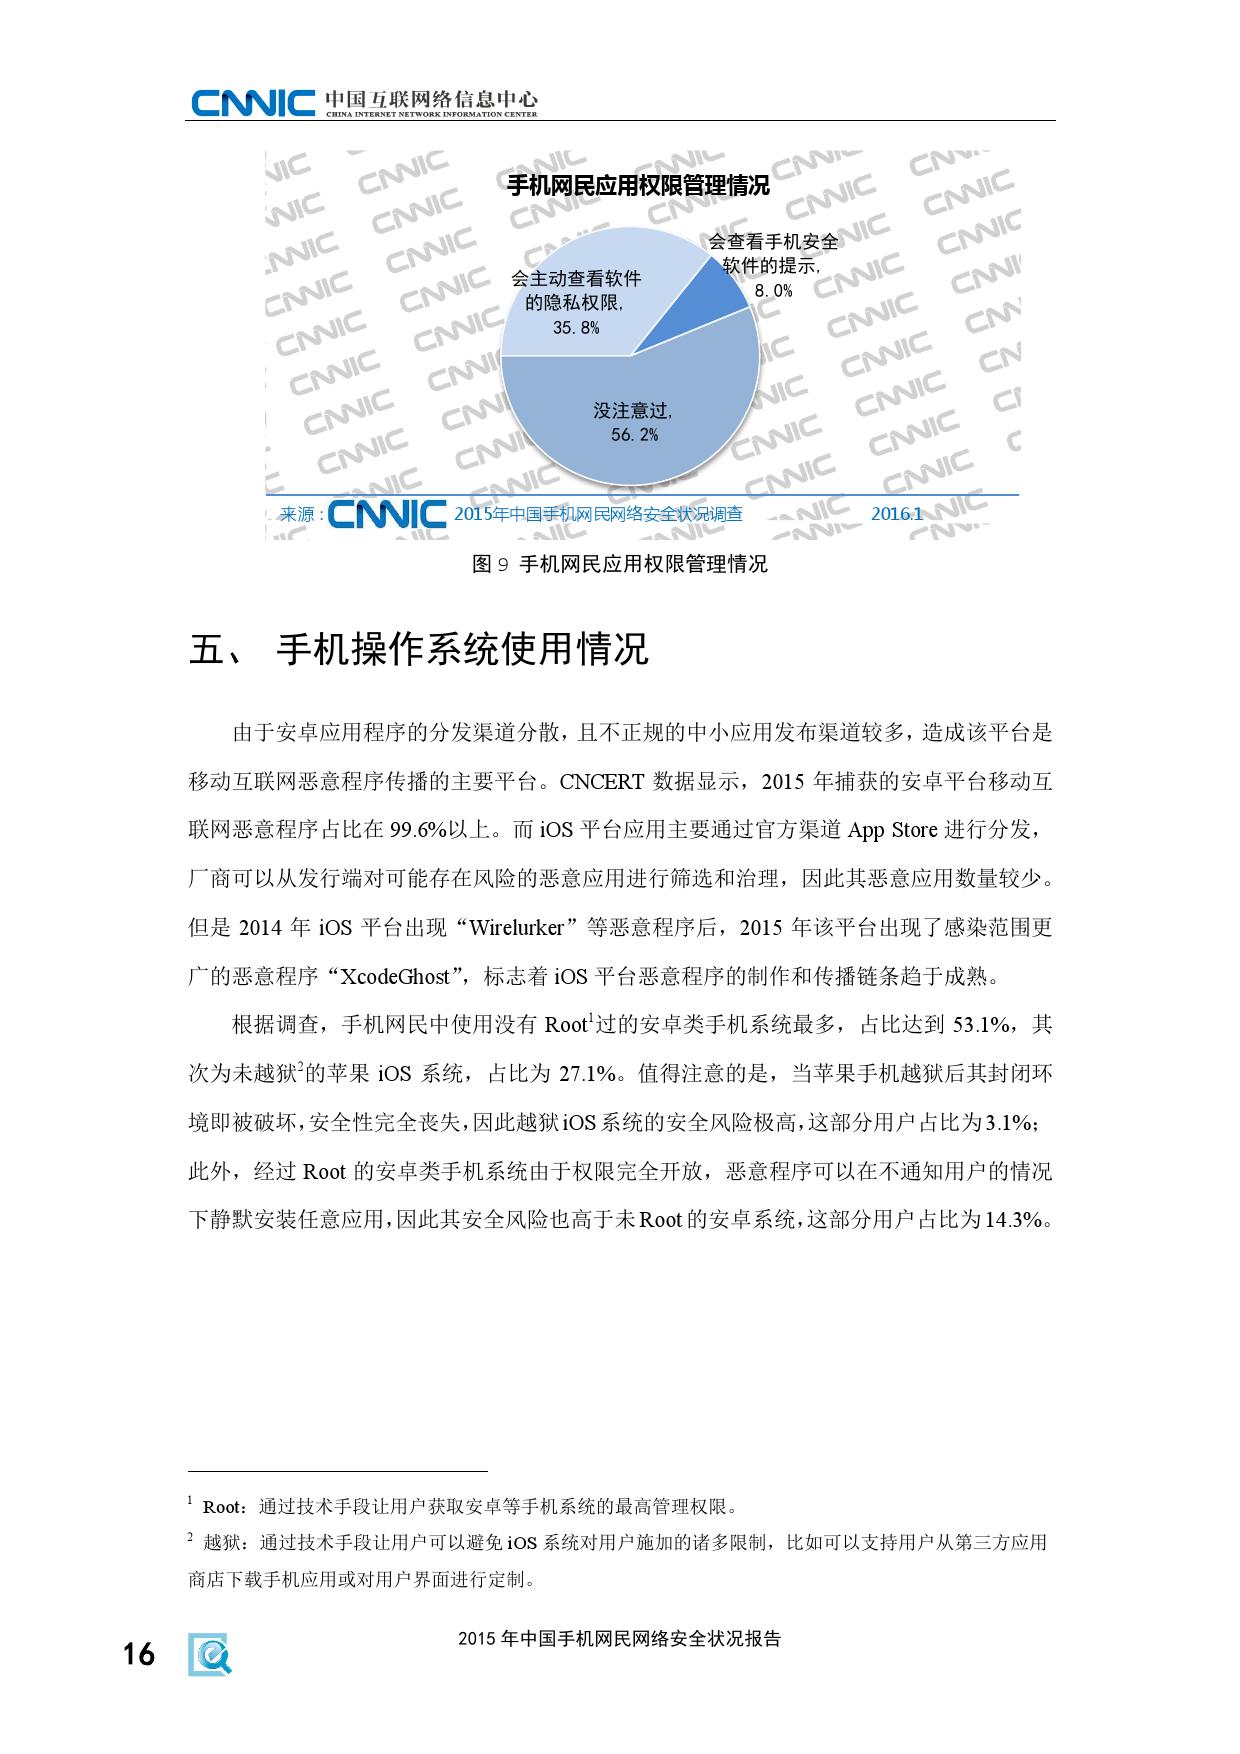 2015年中国手机网民网络安全状况报告_000022